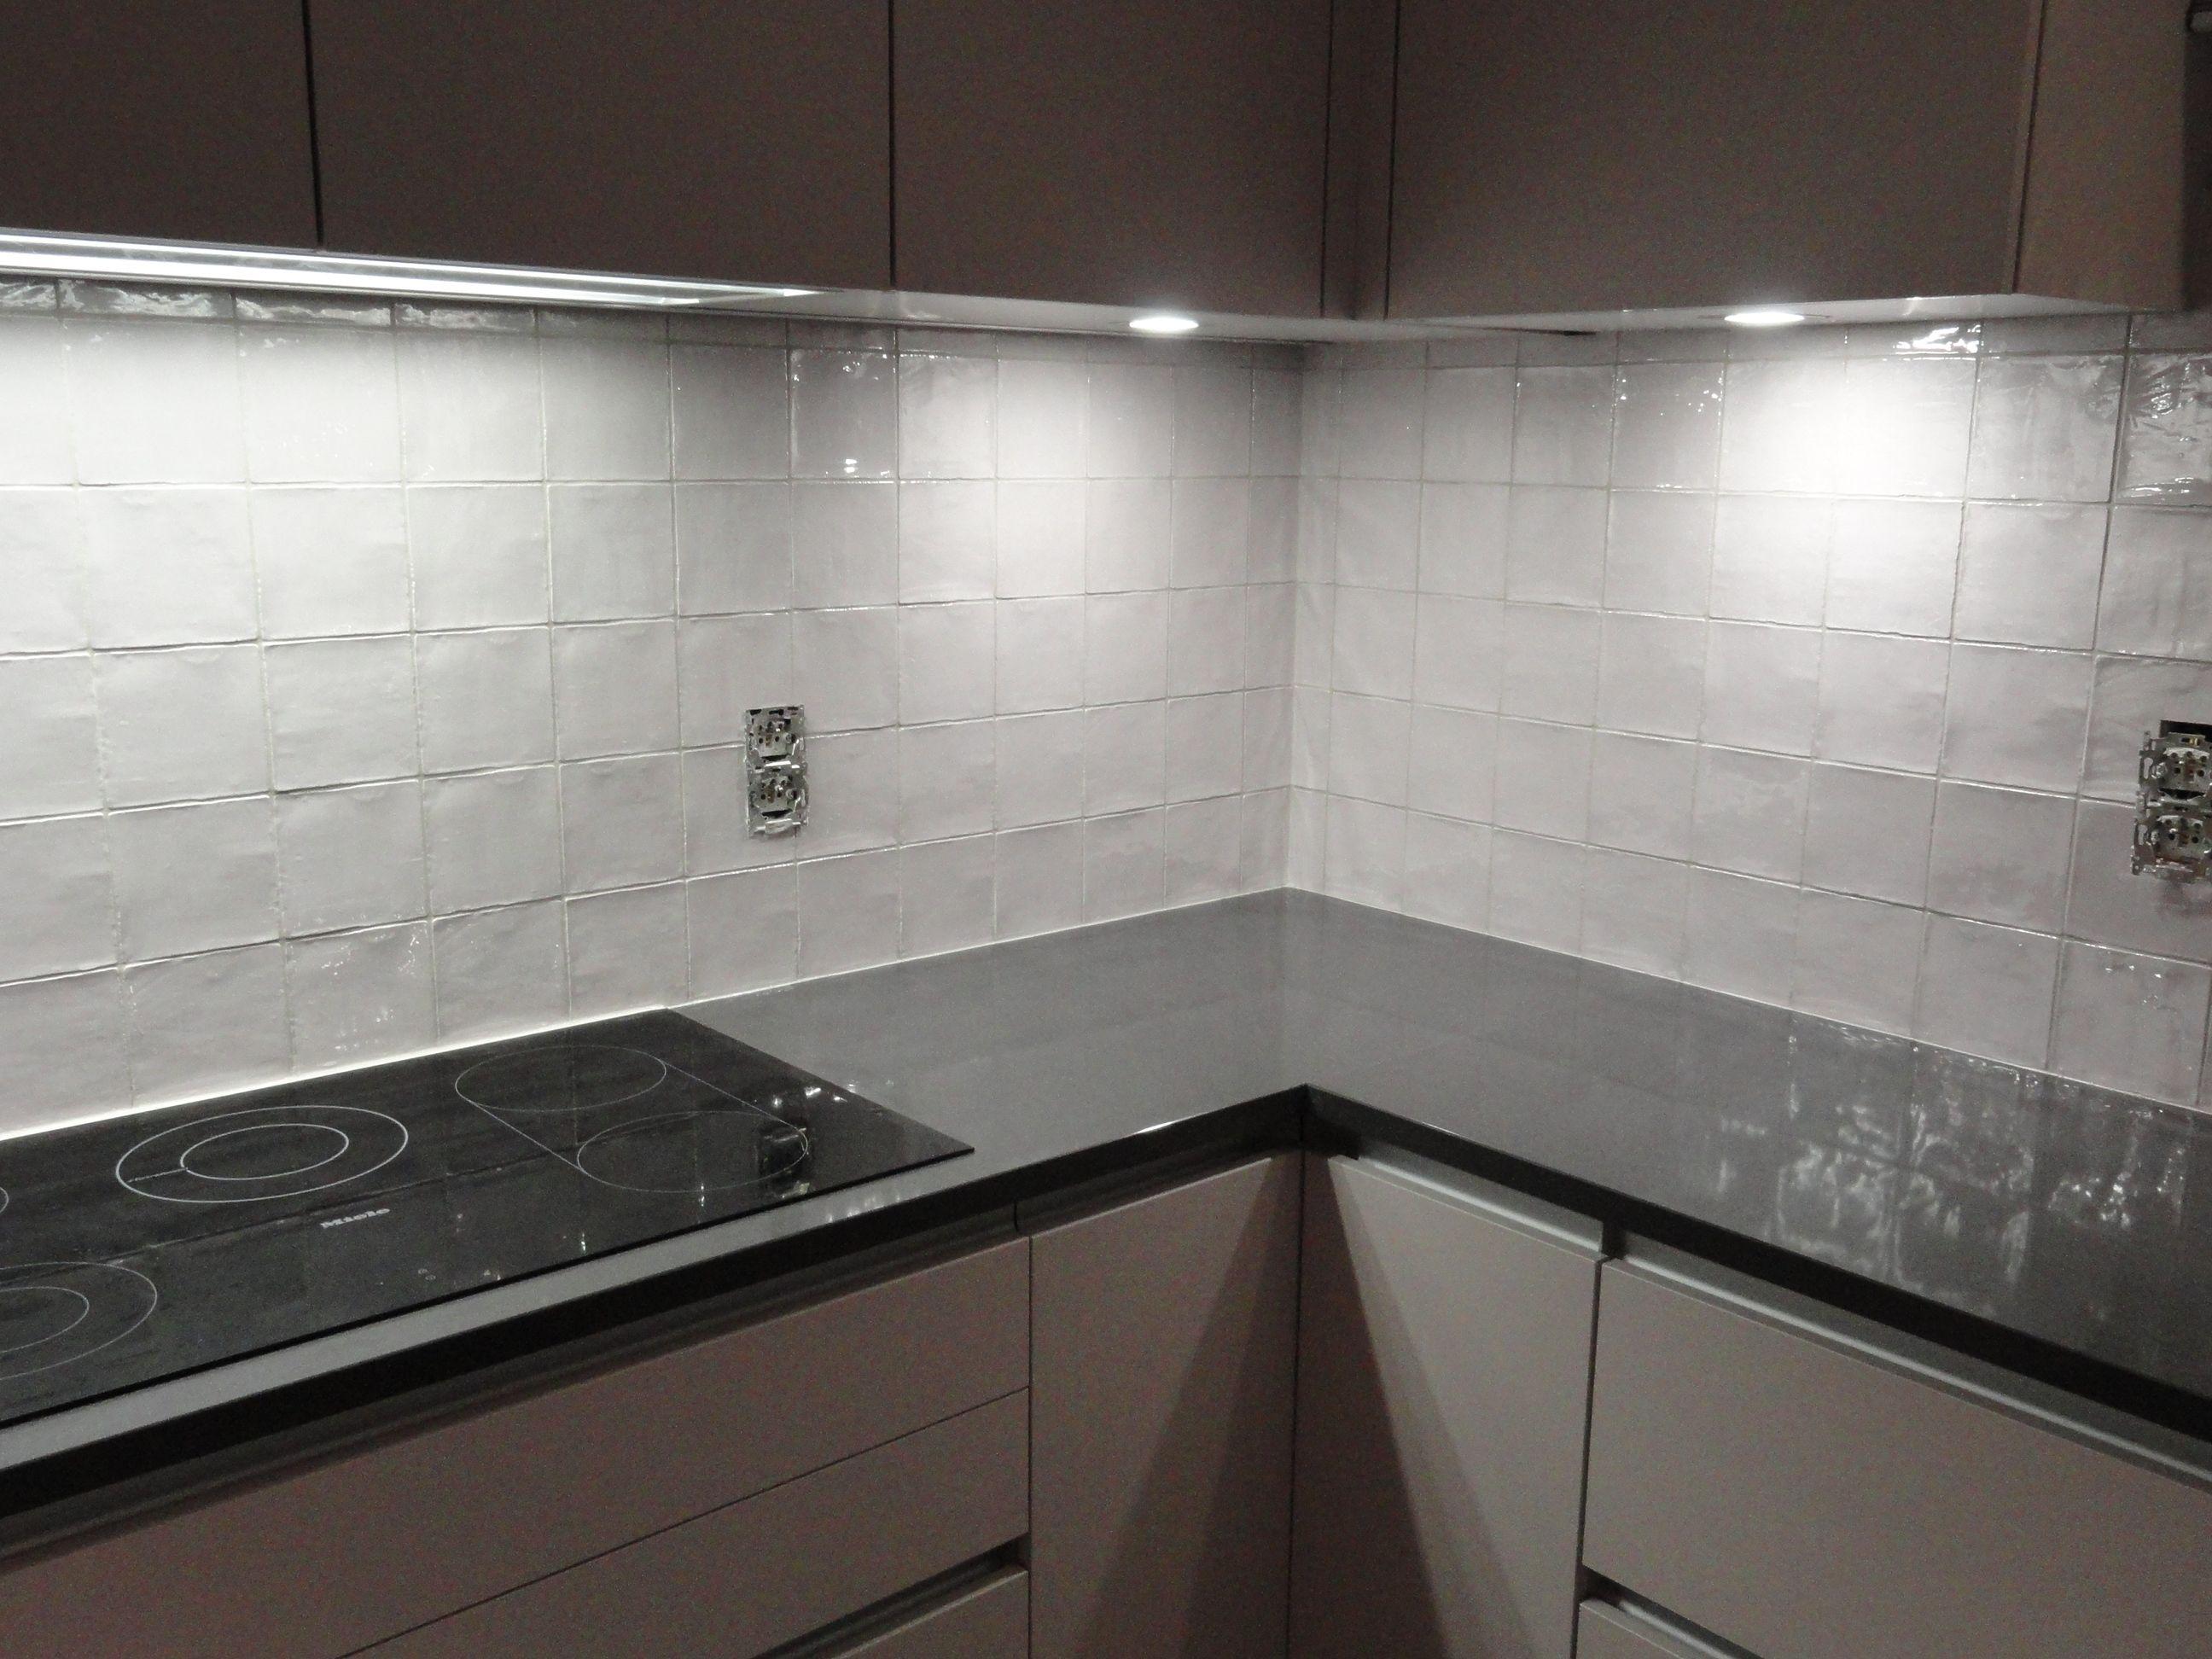 Handgemaakte Keukens Friesland : Wandtegels keuken handgemaakte engelse tegeltjes gerealiseerde